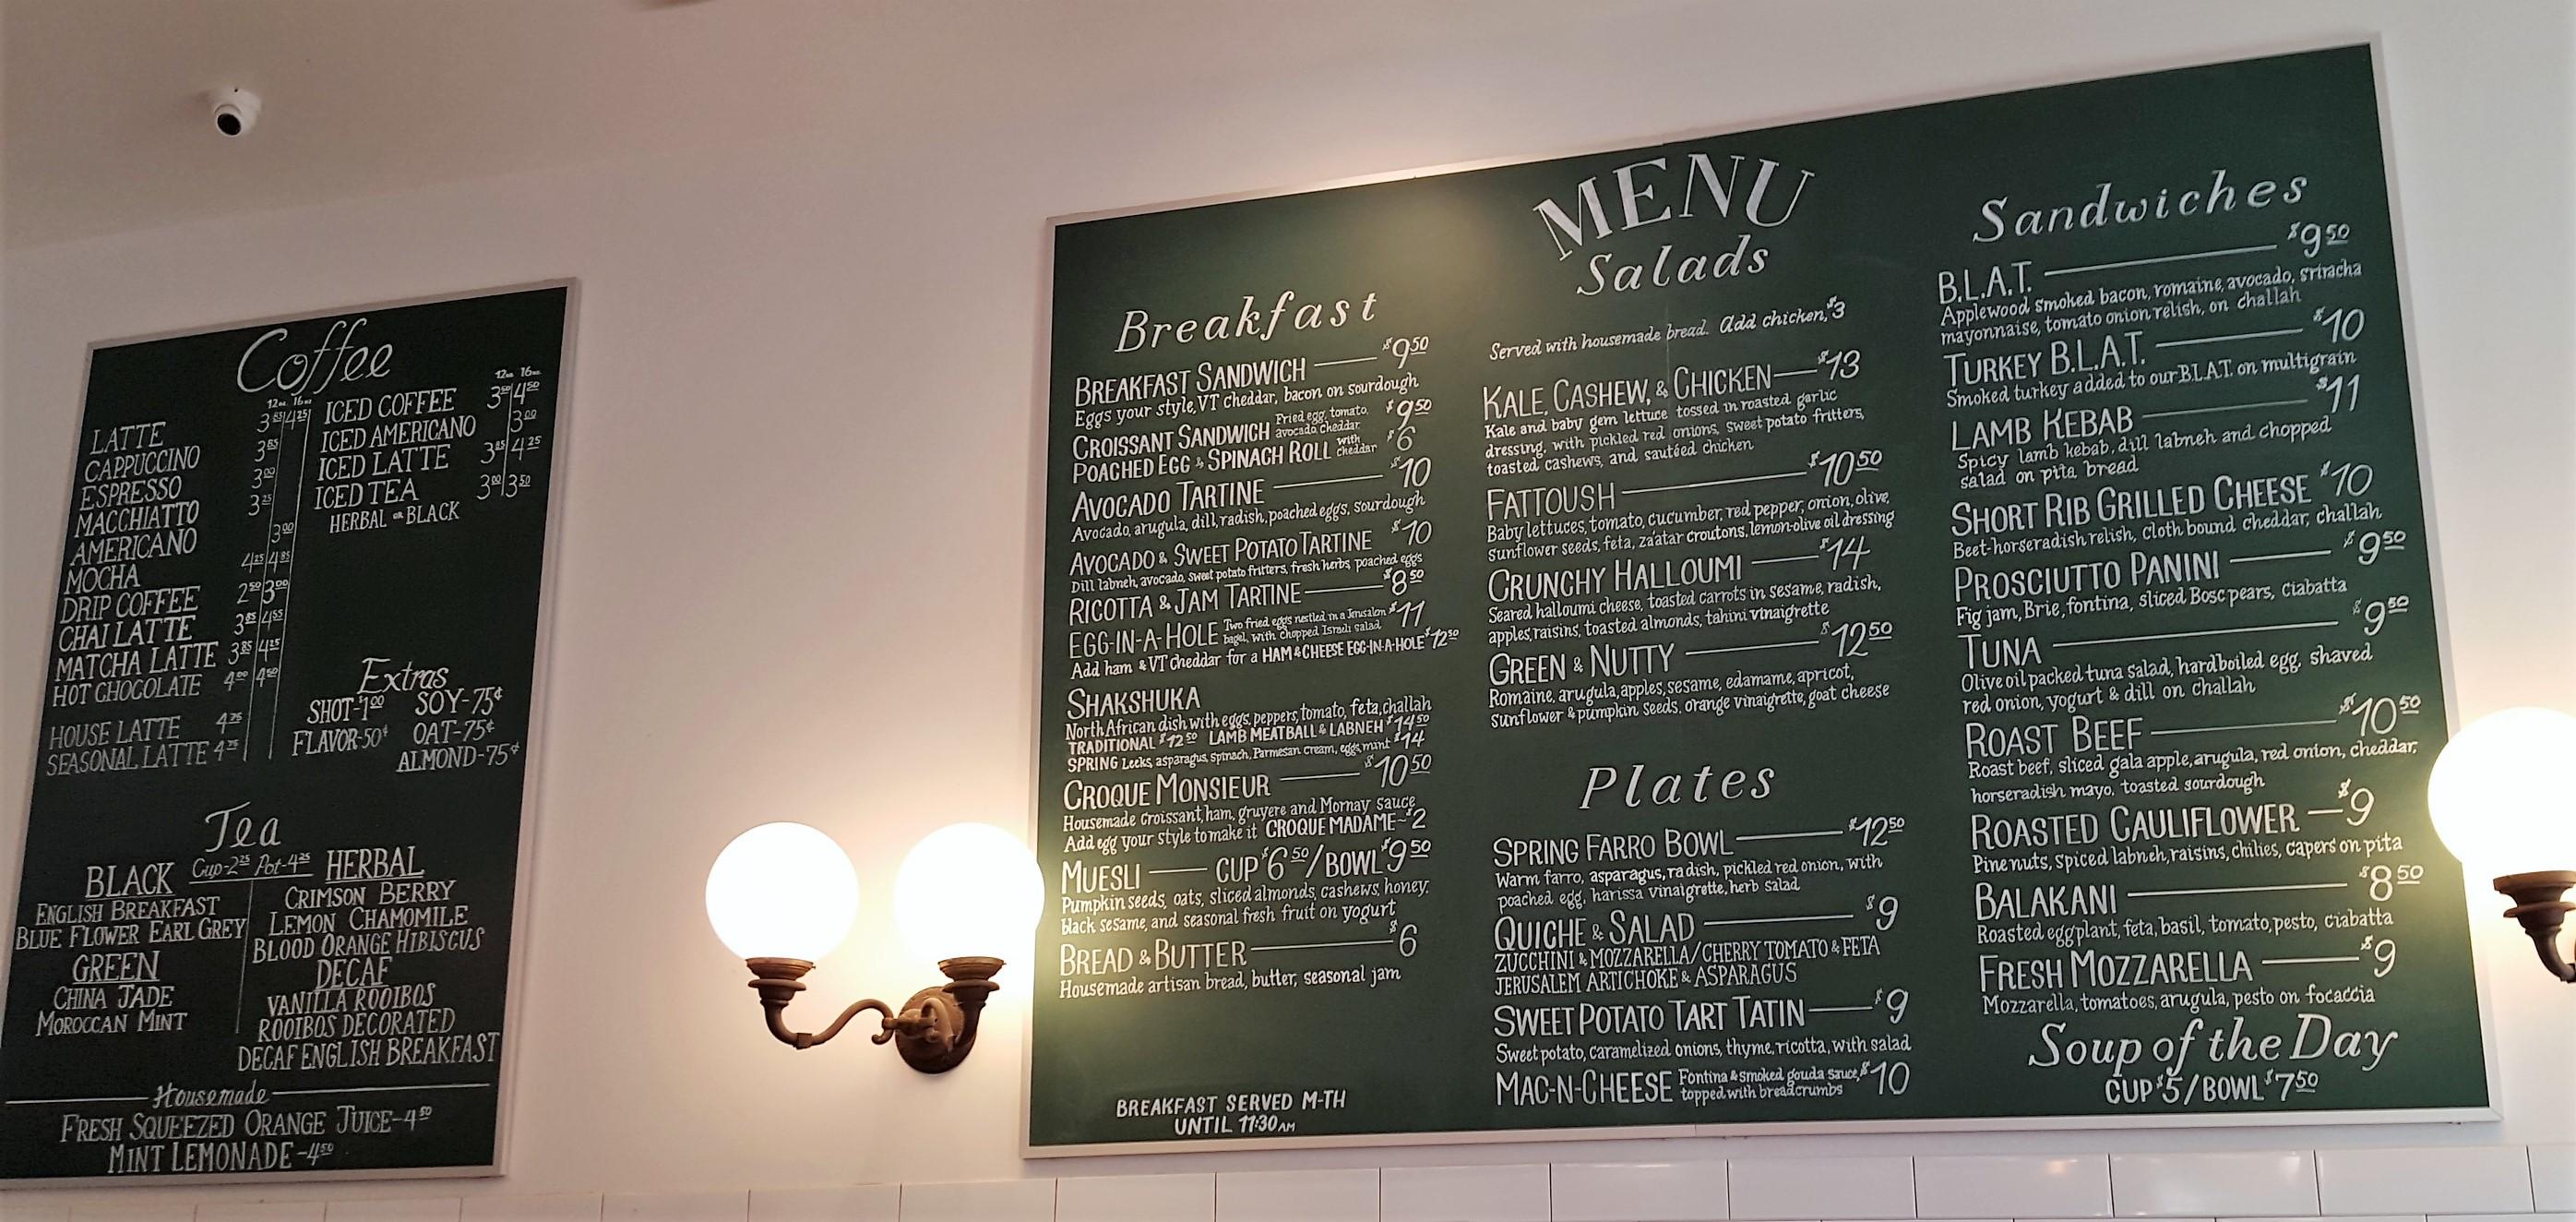 Boston Tatte menu